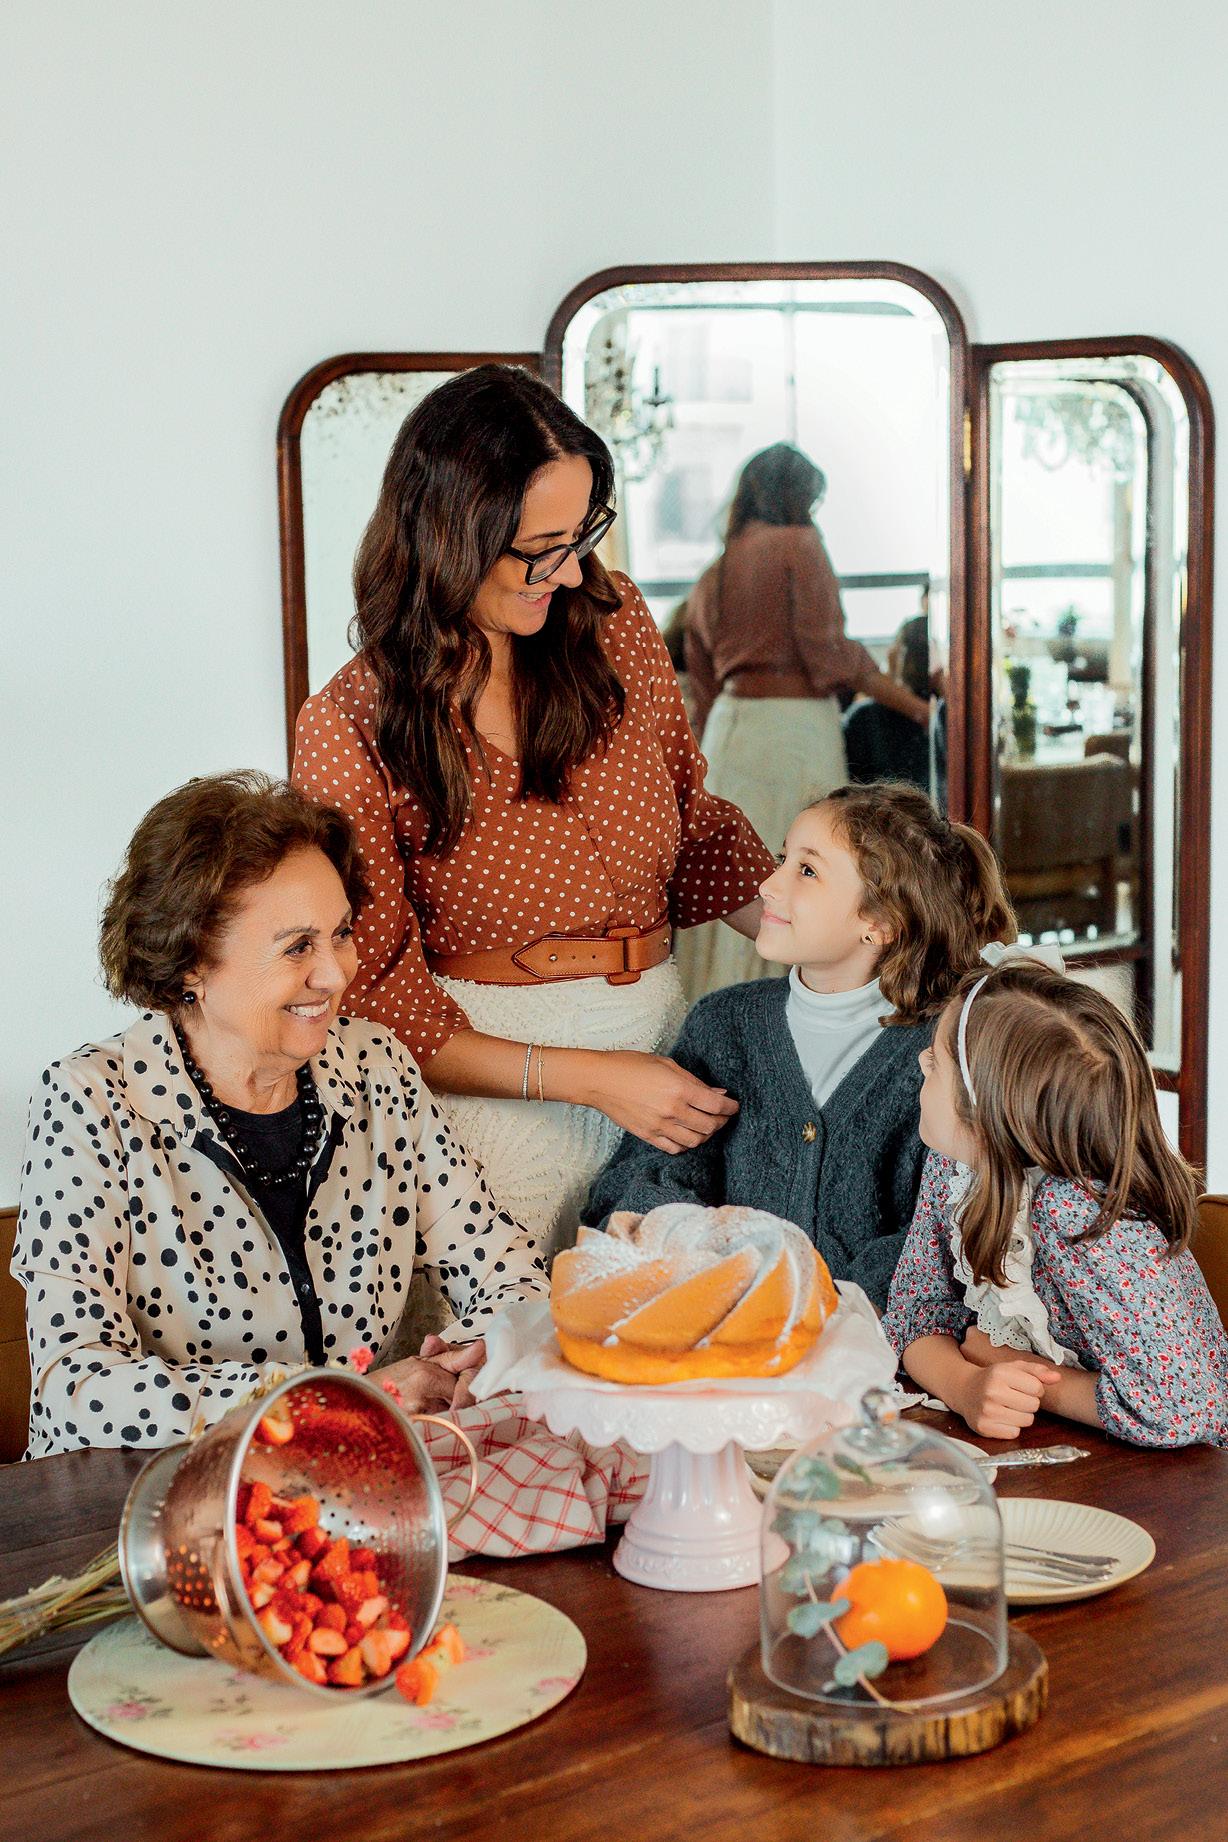 Vanessa Trefois com a mãe e as duas filhas na mesa com um bolo